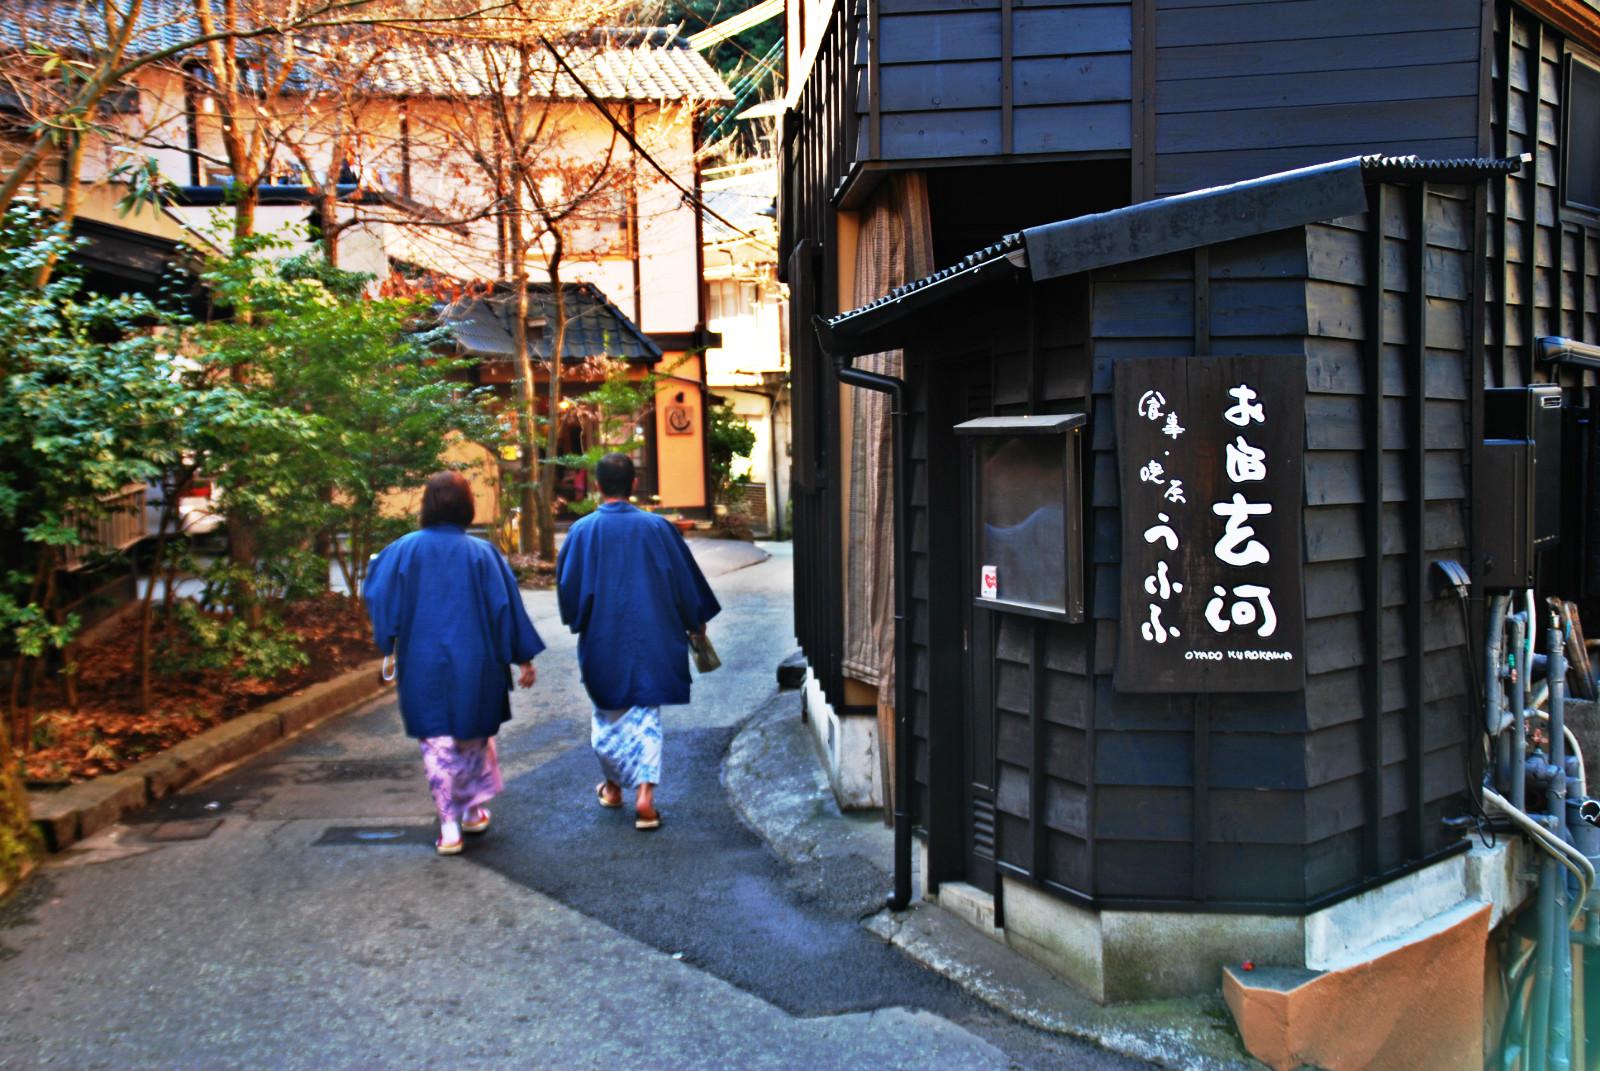 【2020お花見】九州バス1日ツアー|湯布院&黒川温泉|福岡出発